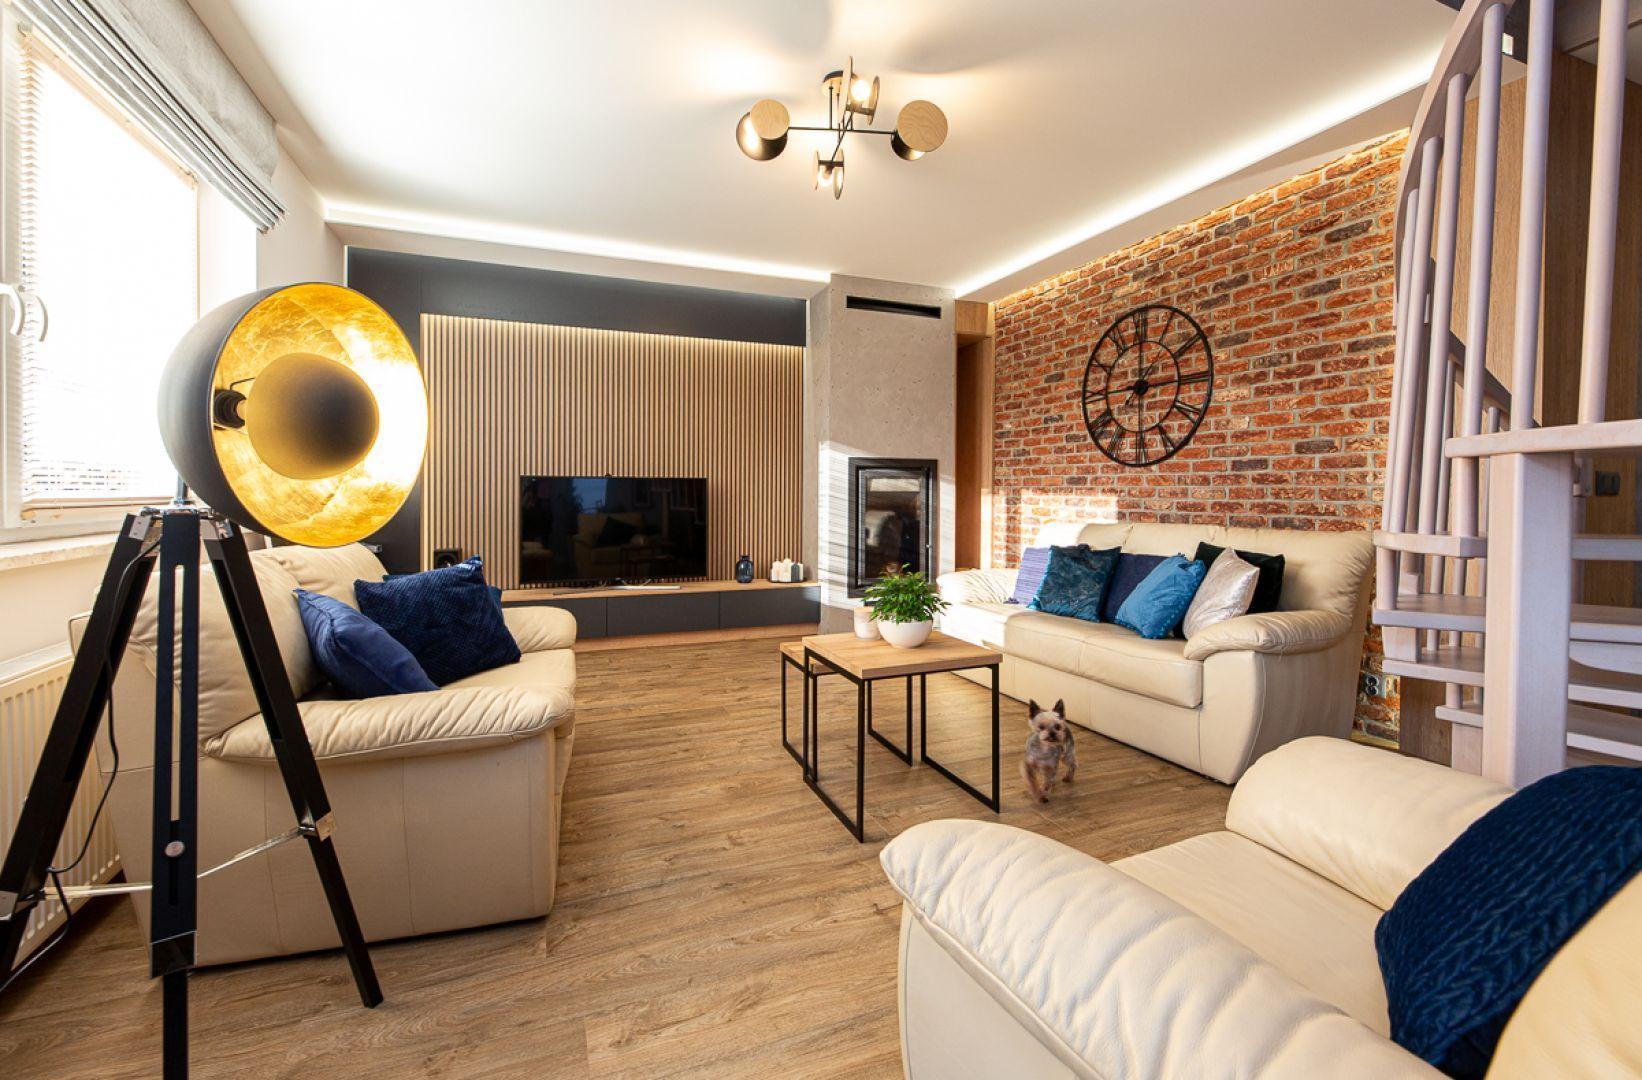 Podłoga i ściana w przytulnym salonie. Na ścianie cegła i drewno, na podłodze - piękne deski. Projekt: Anna Kamińska, Fuxja Studio Projektowe. Fot. Alla Boroń